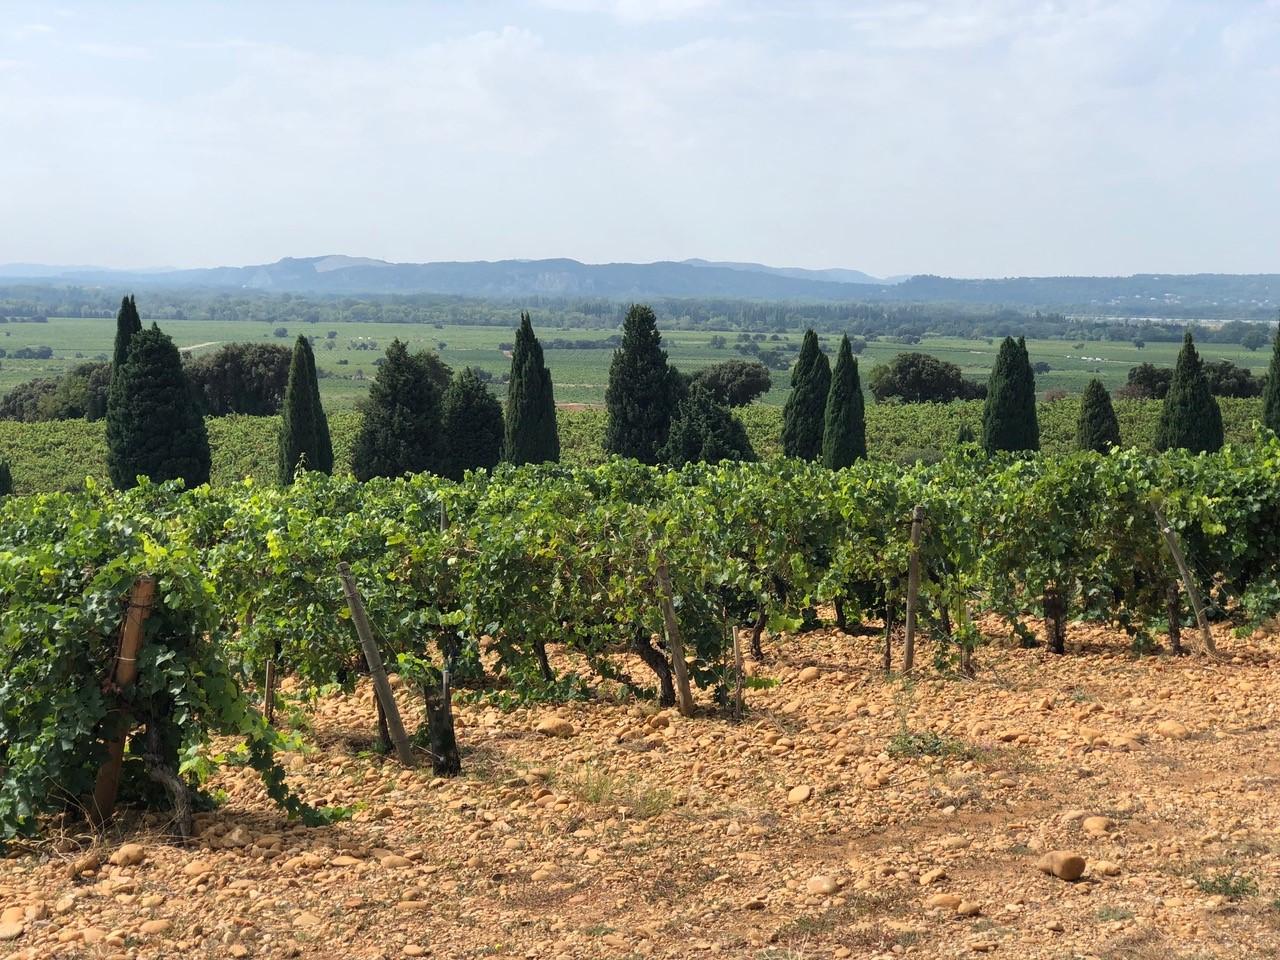 Fields of grape plants